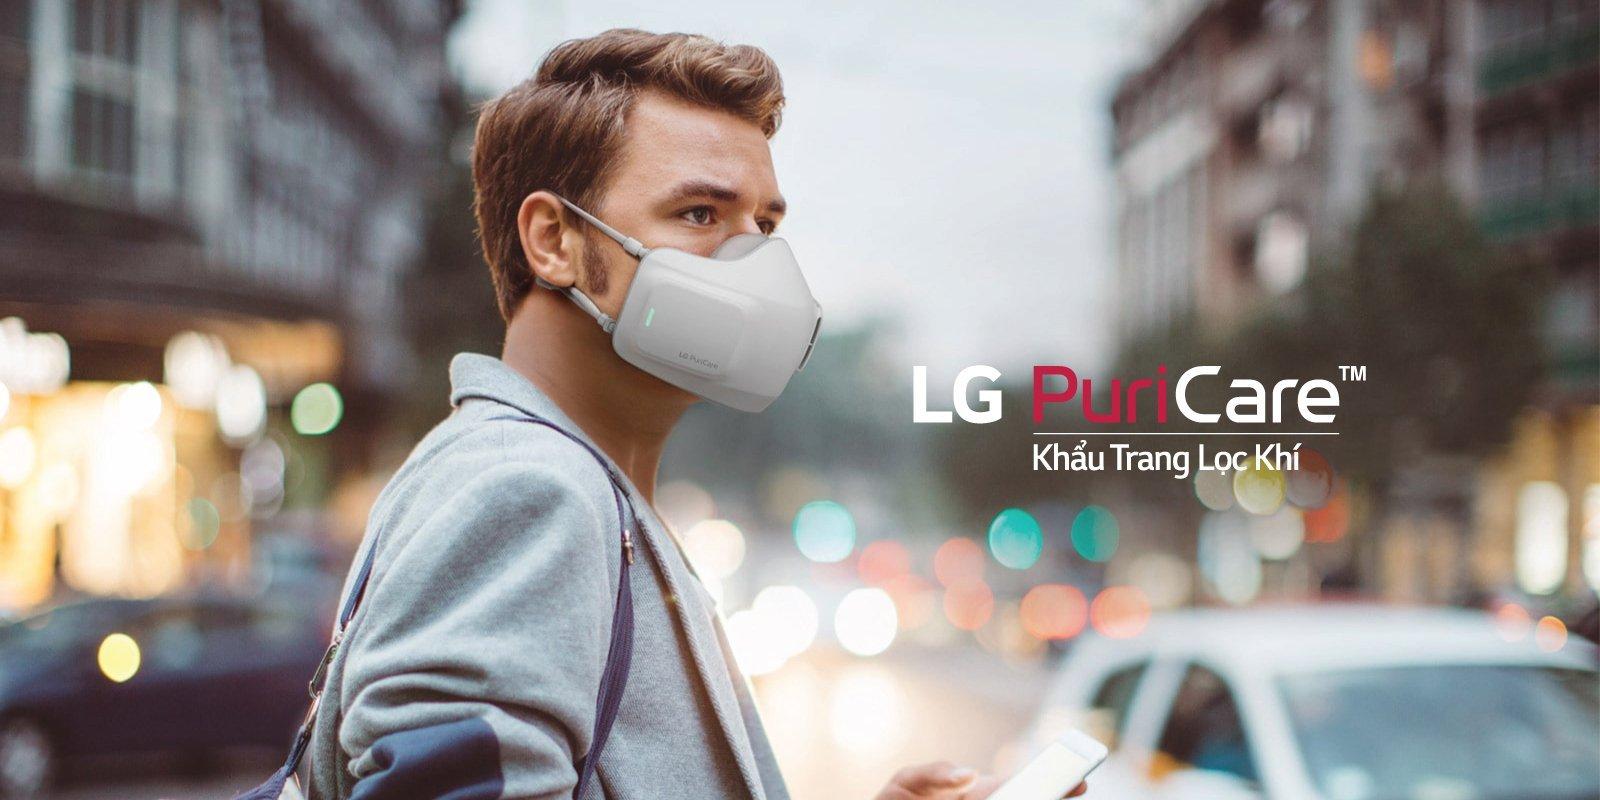 Một người đàn ông đang đeo khẩu trang lọc khí LG PuriCare™, tự tin hít thở bầu không khí trong lành giữa thành phố khói bụi.